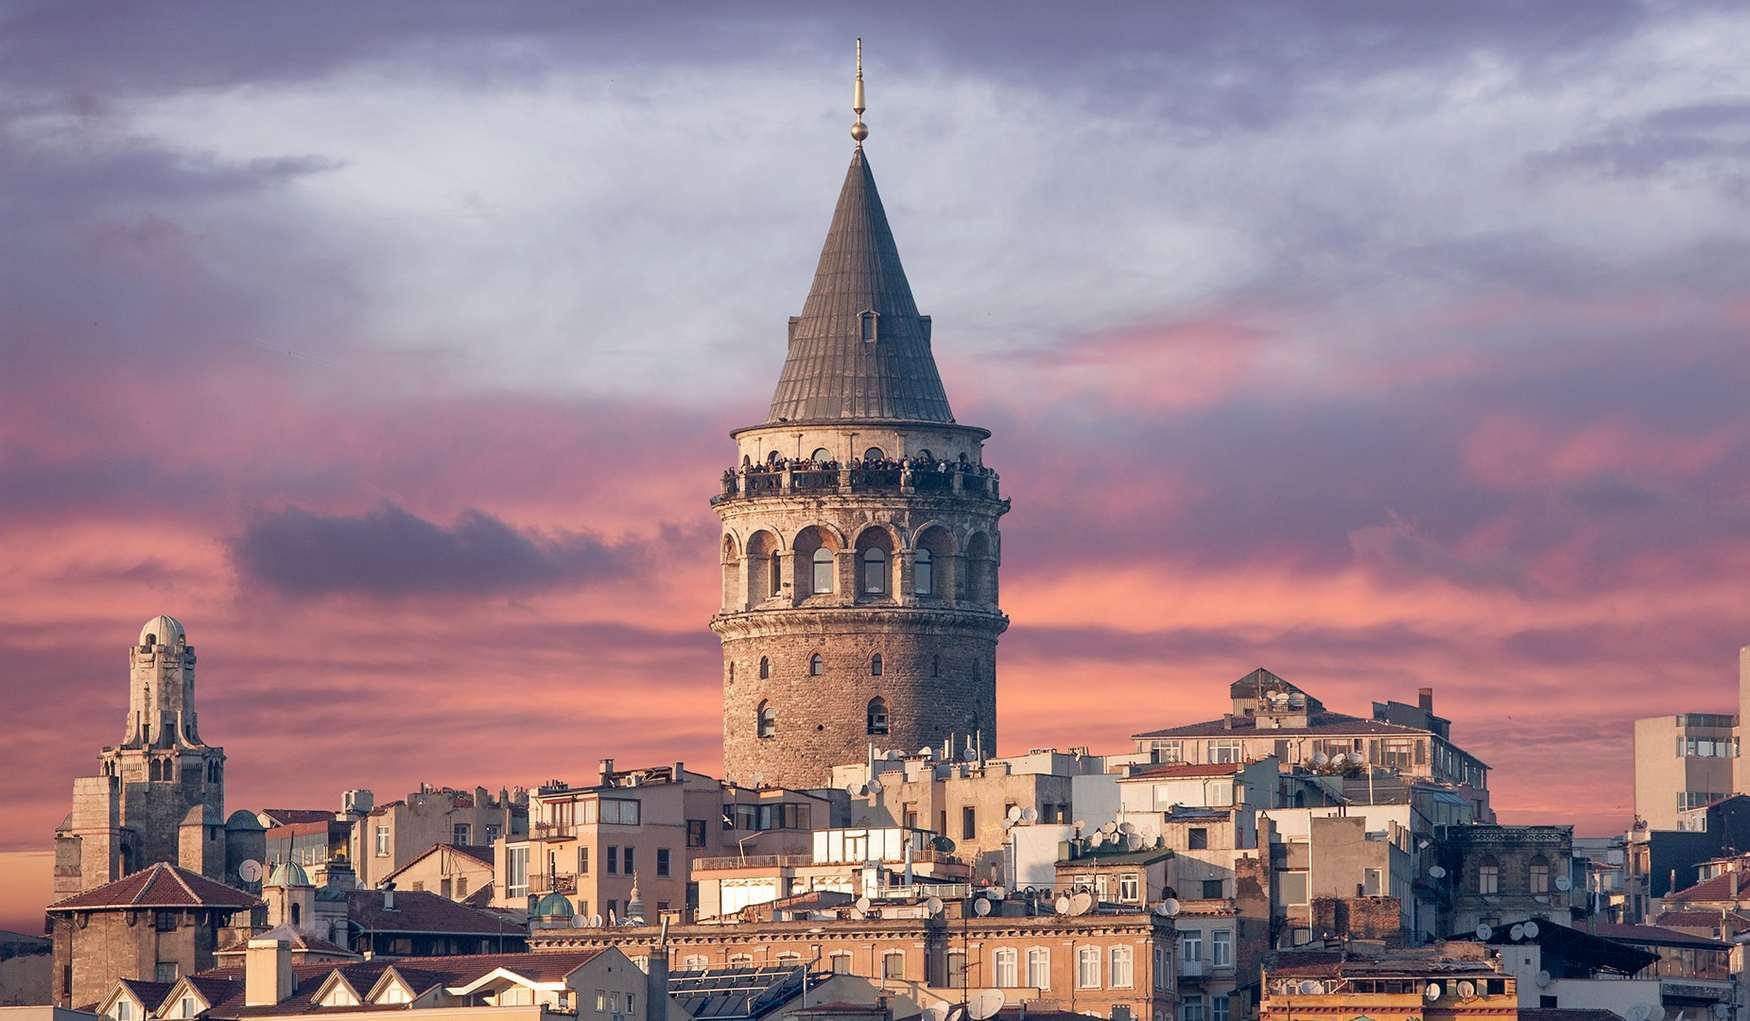 Галатская башня - это Генуэзская башня, возведенная в XIV веке